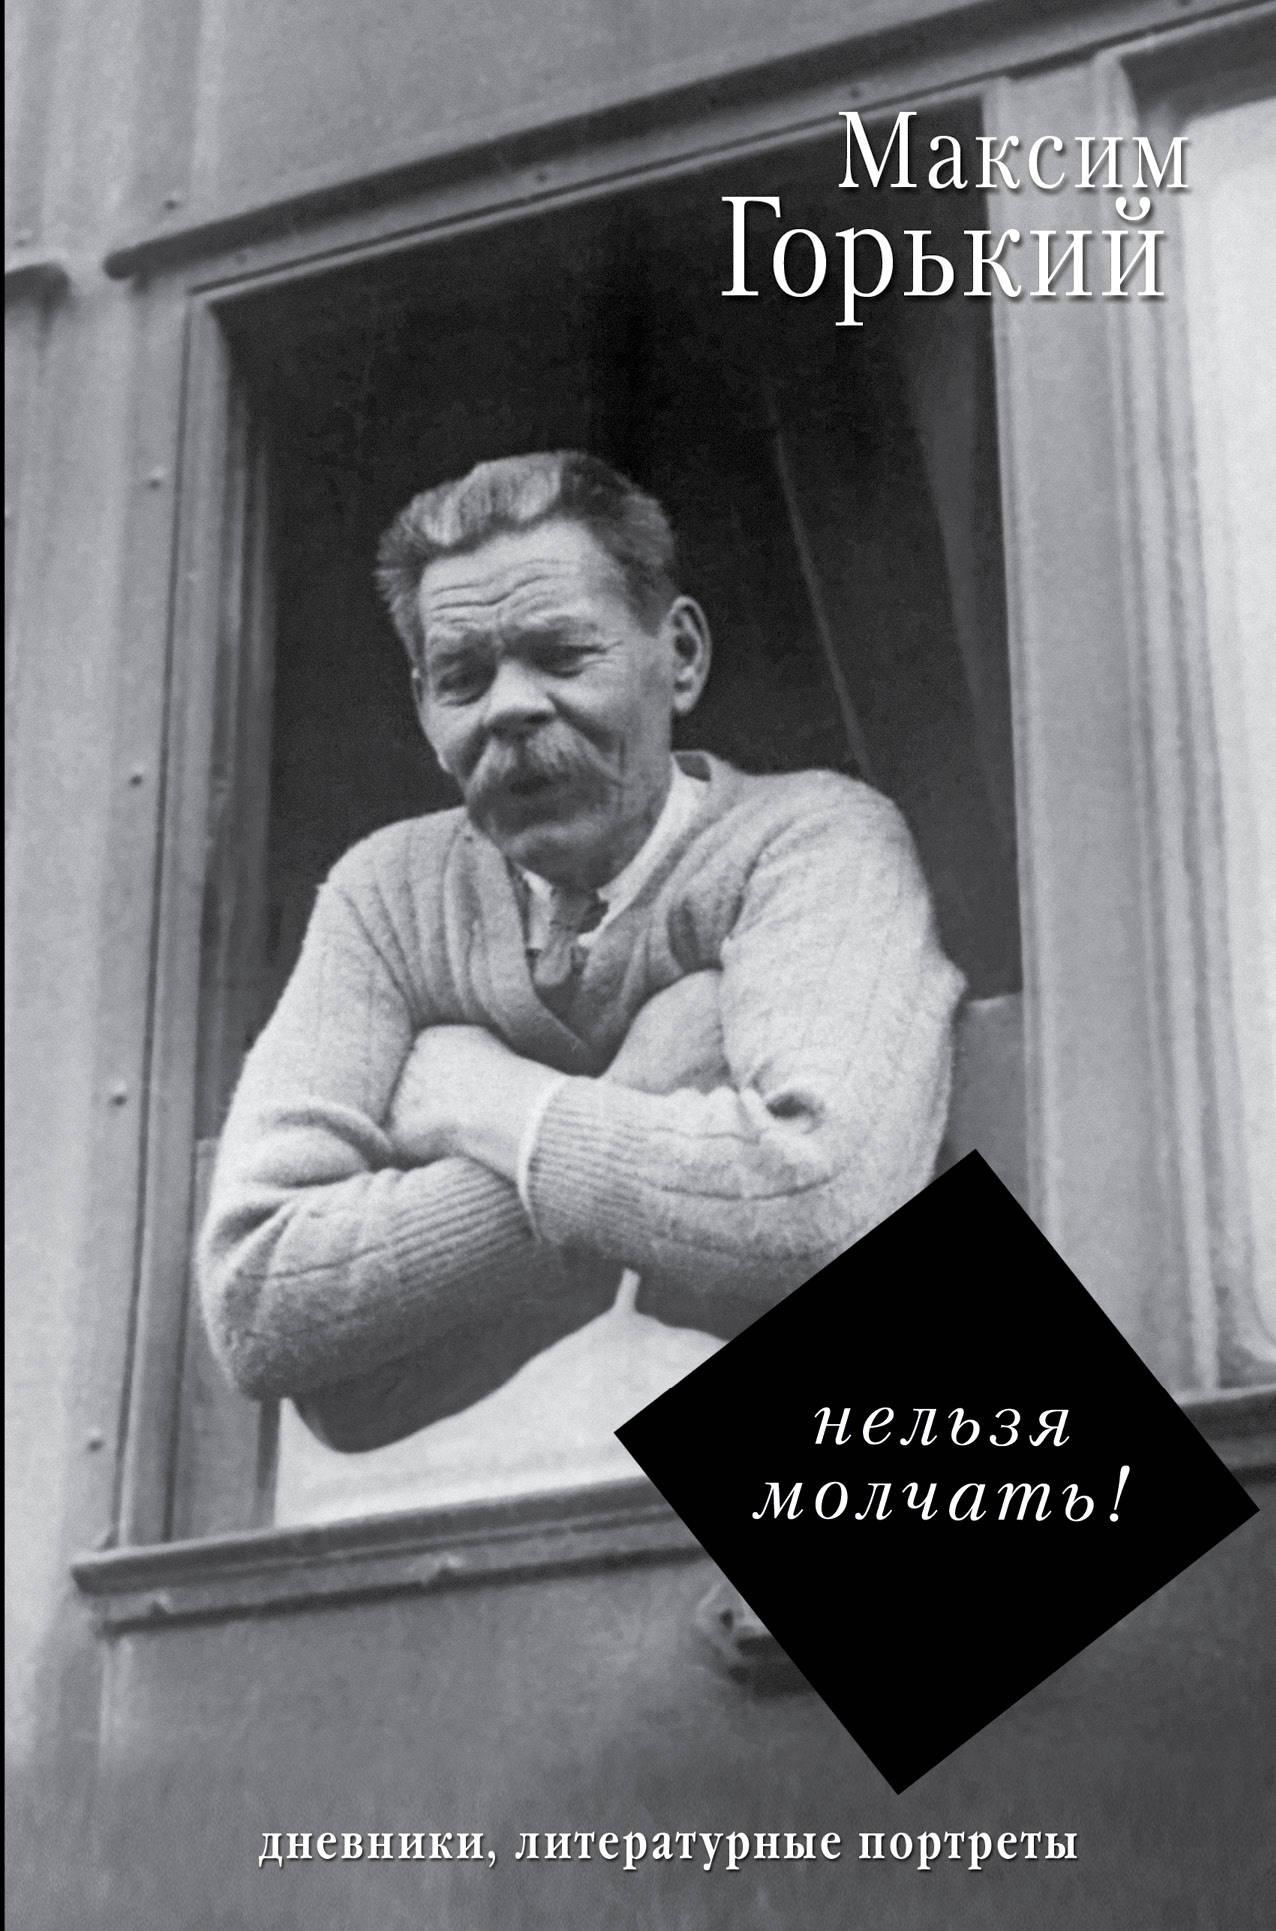 Максим Горький Нельзя молчать!